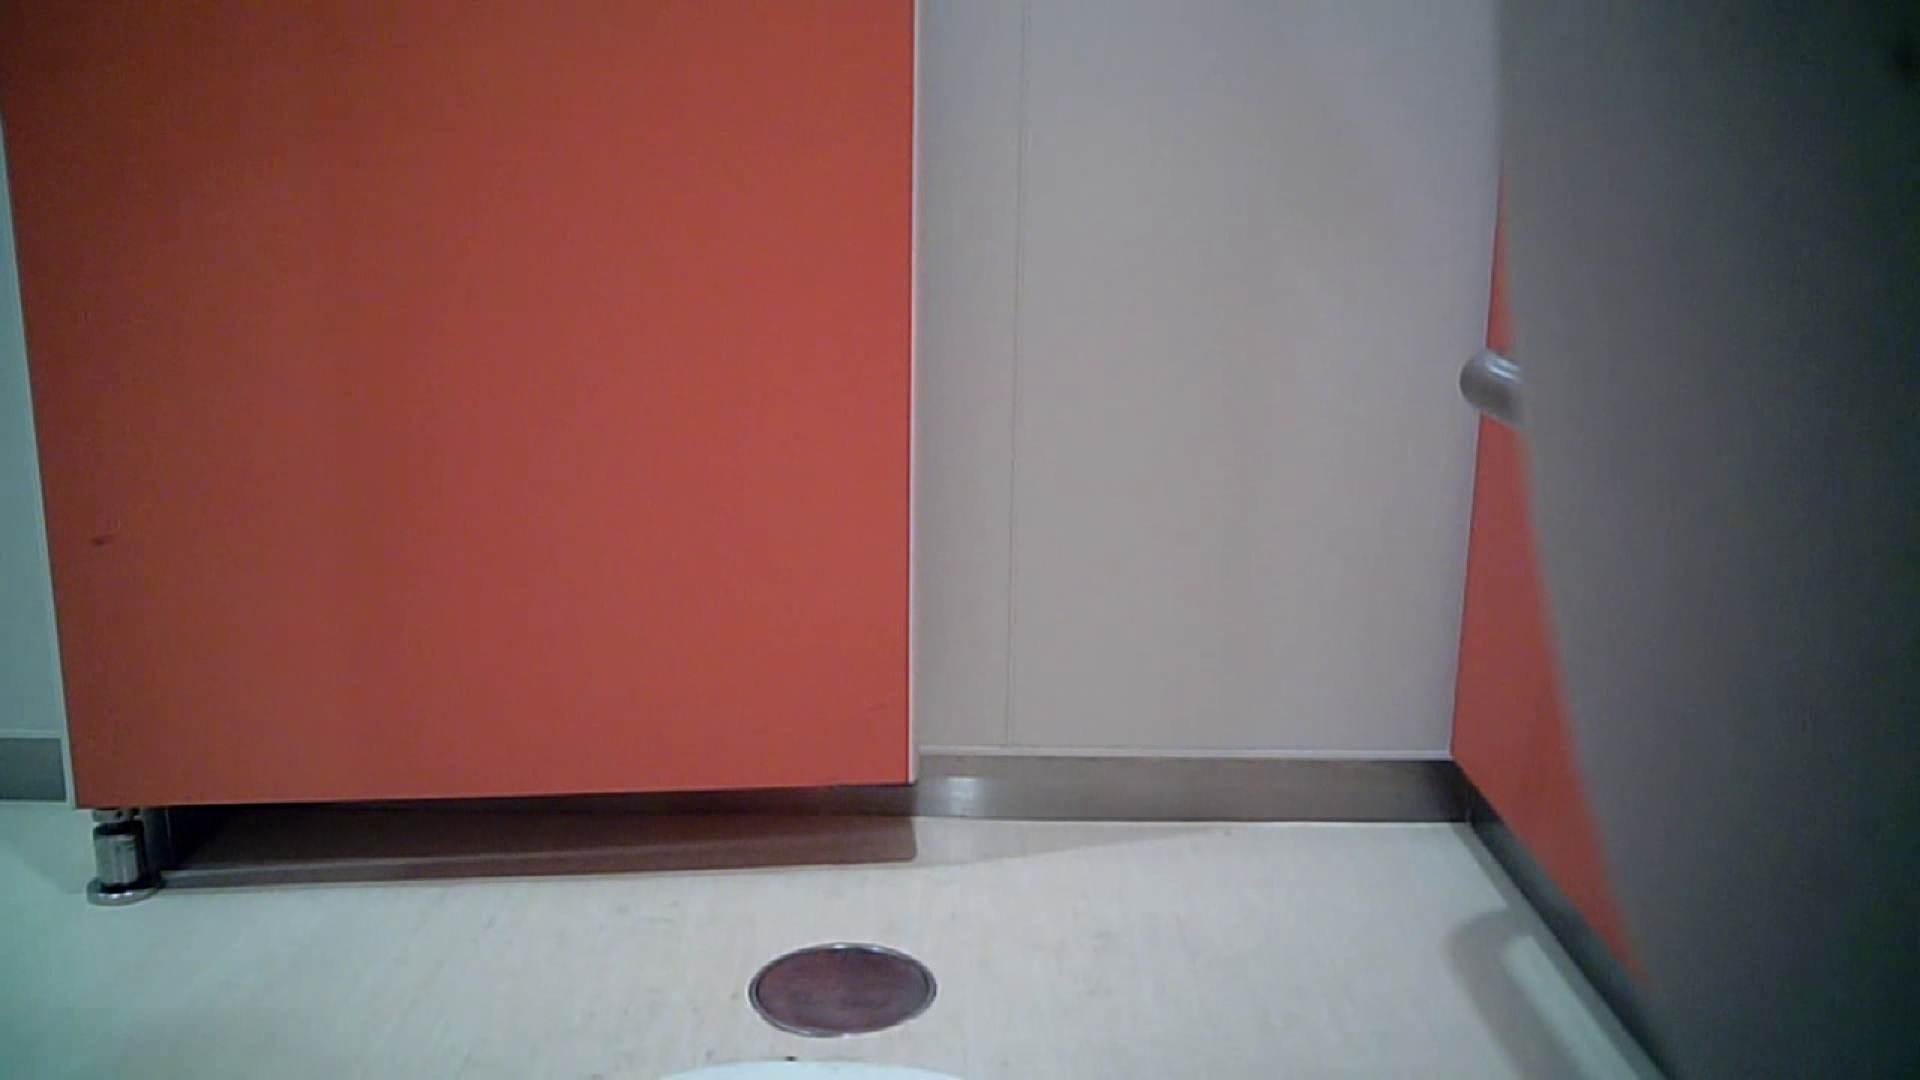 痴態洗面所 Vol.04 上と下の割合が絶妙です。 盛合せ   丸見えマンコ  60画像 32